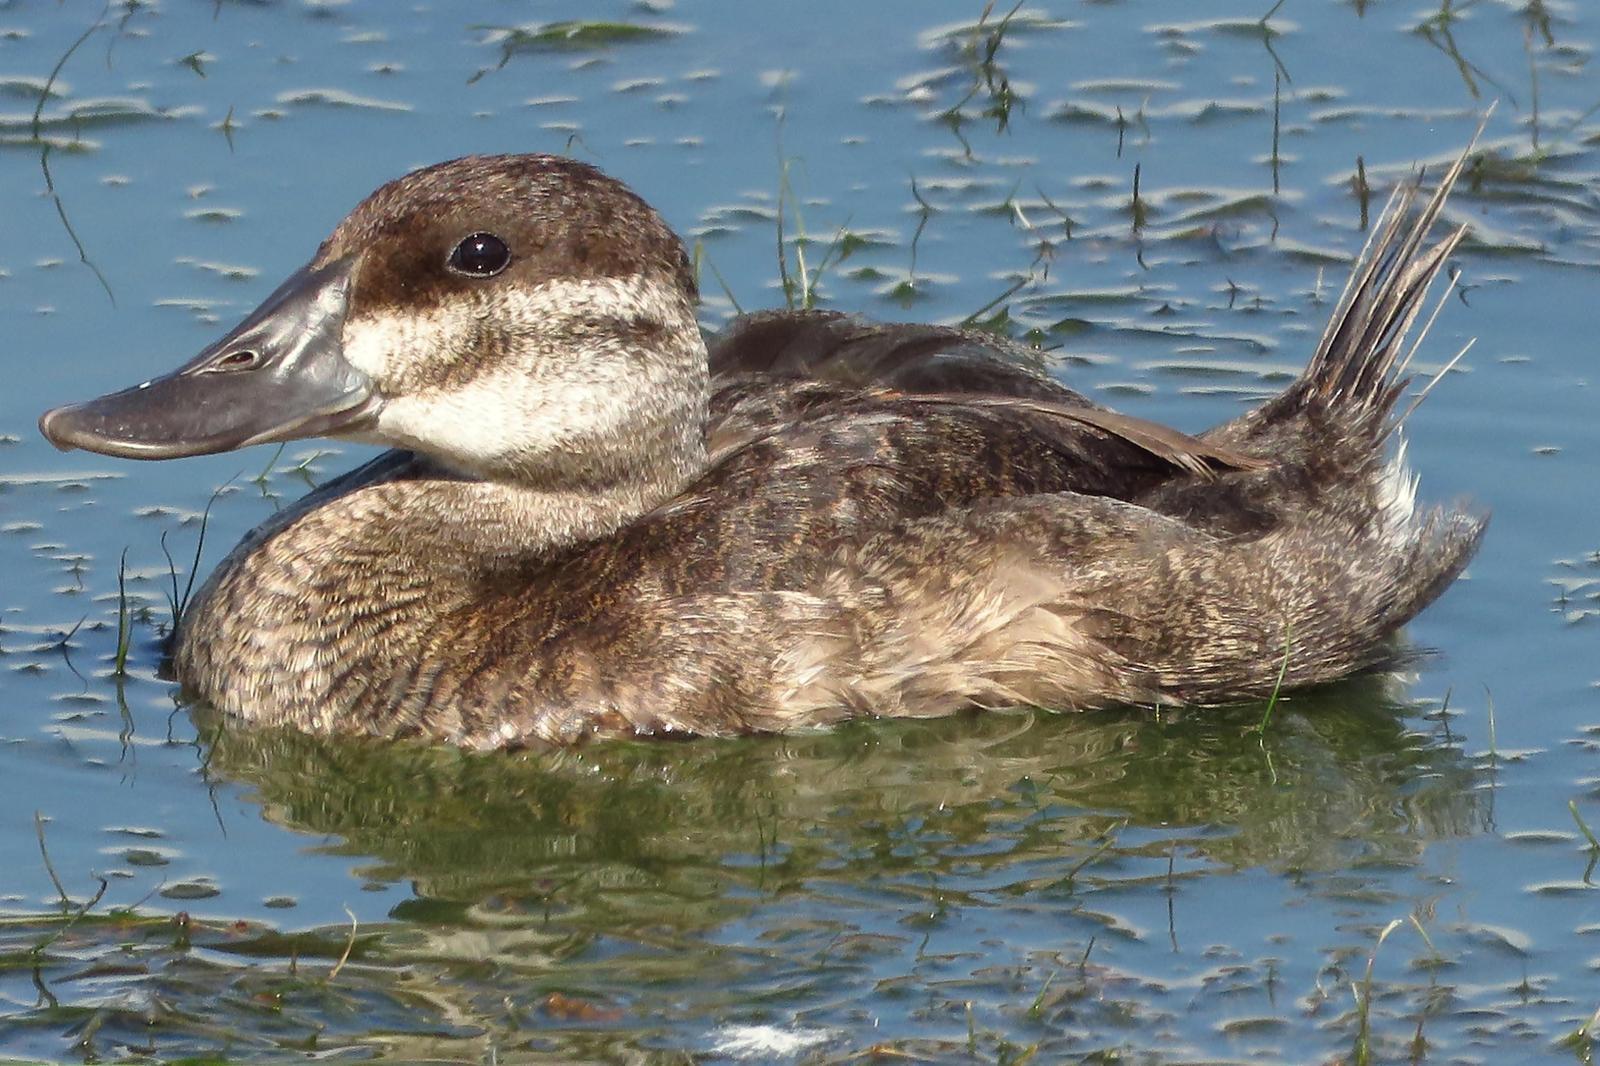 Ruddy Duck Photo by Bob Neugebauer